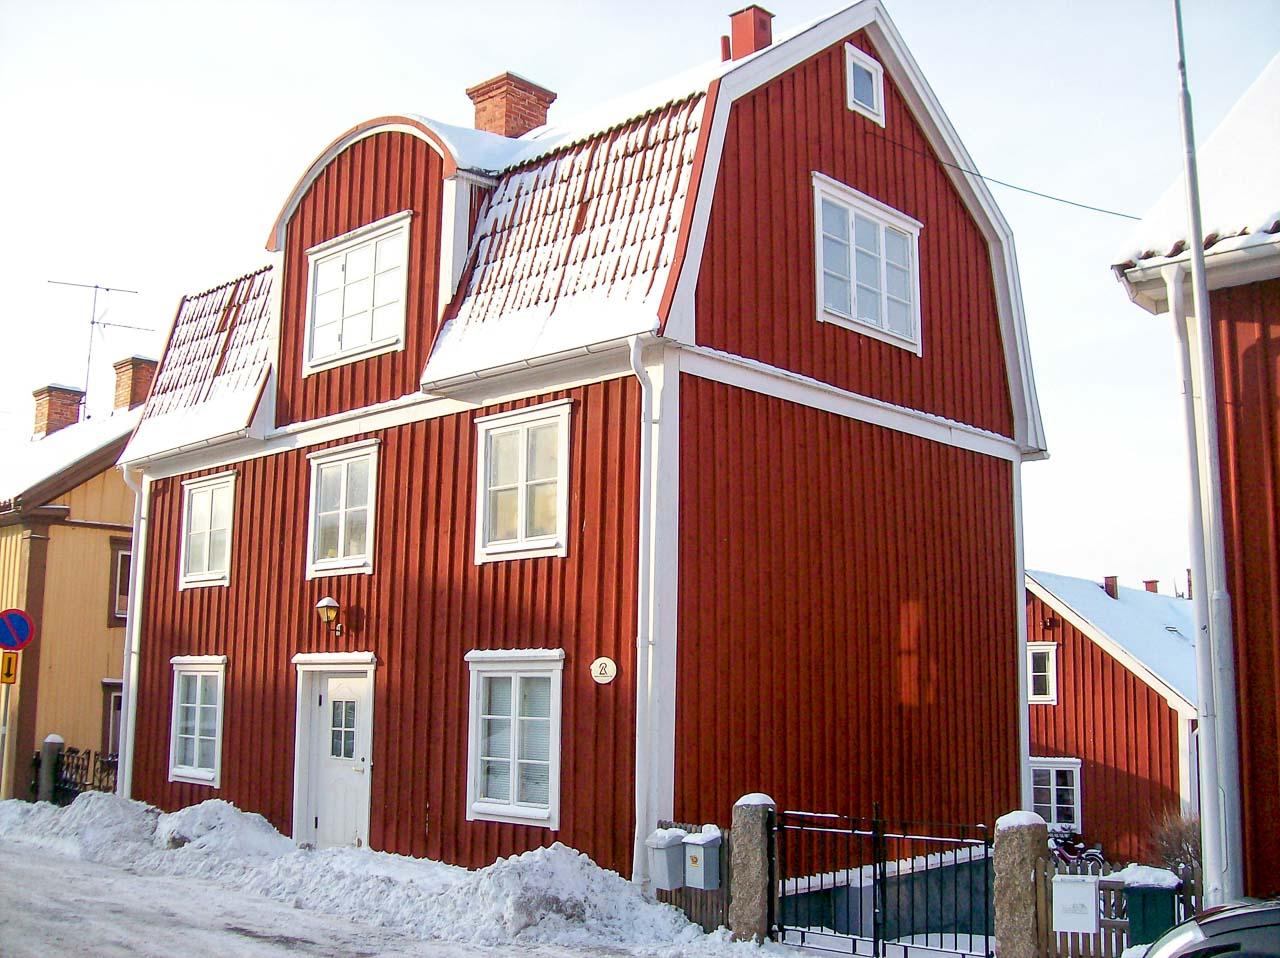 Sjögatan 43-45, Gränna